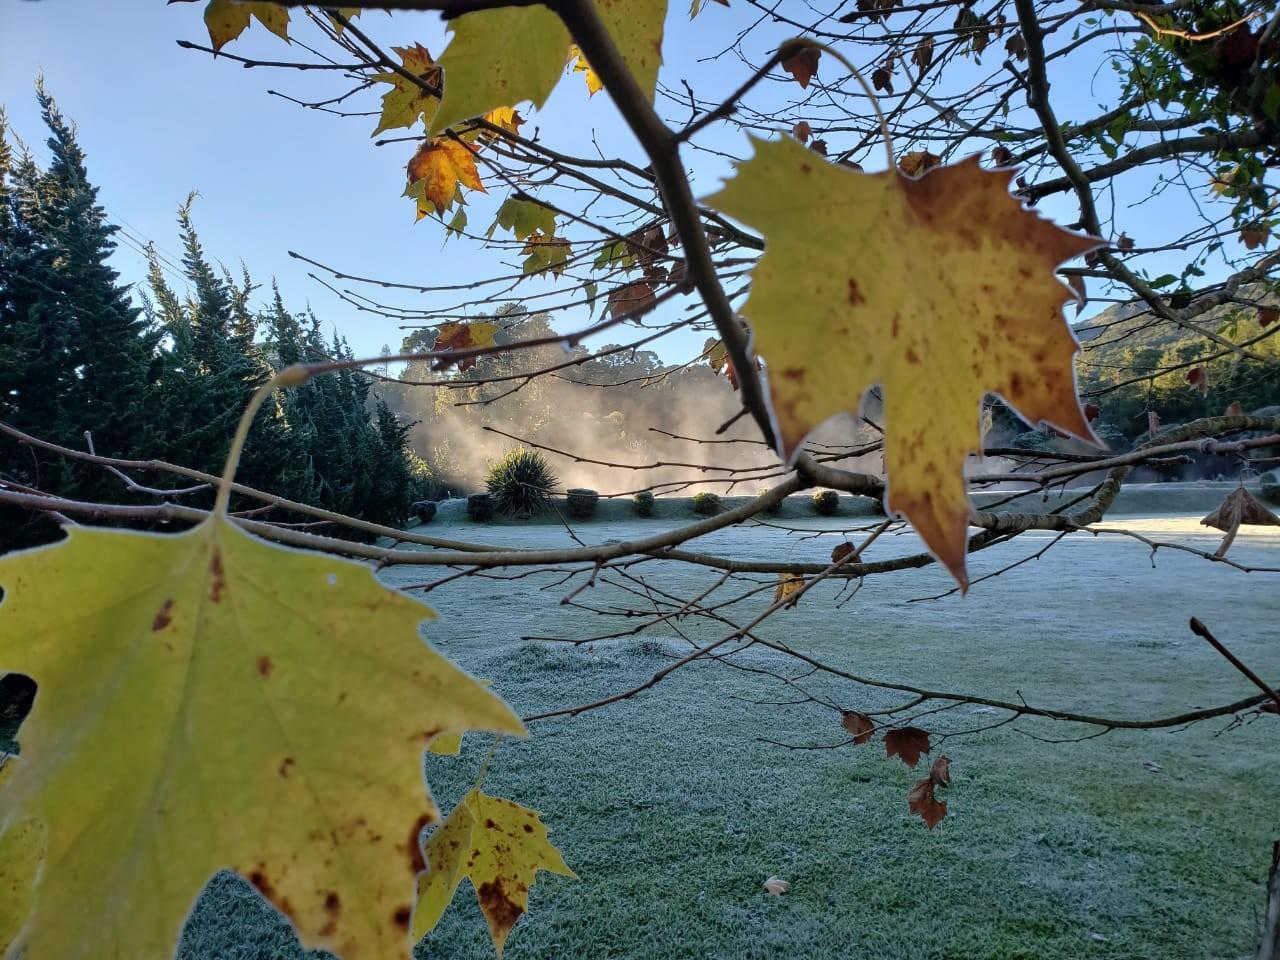 Monte Verde registra menor temperatura do ano, com -1,6 ºC; Maria da Fé é segunda mais fria no Sul de MG